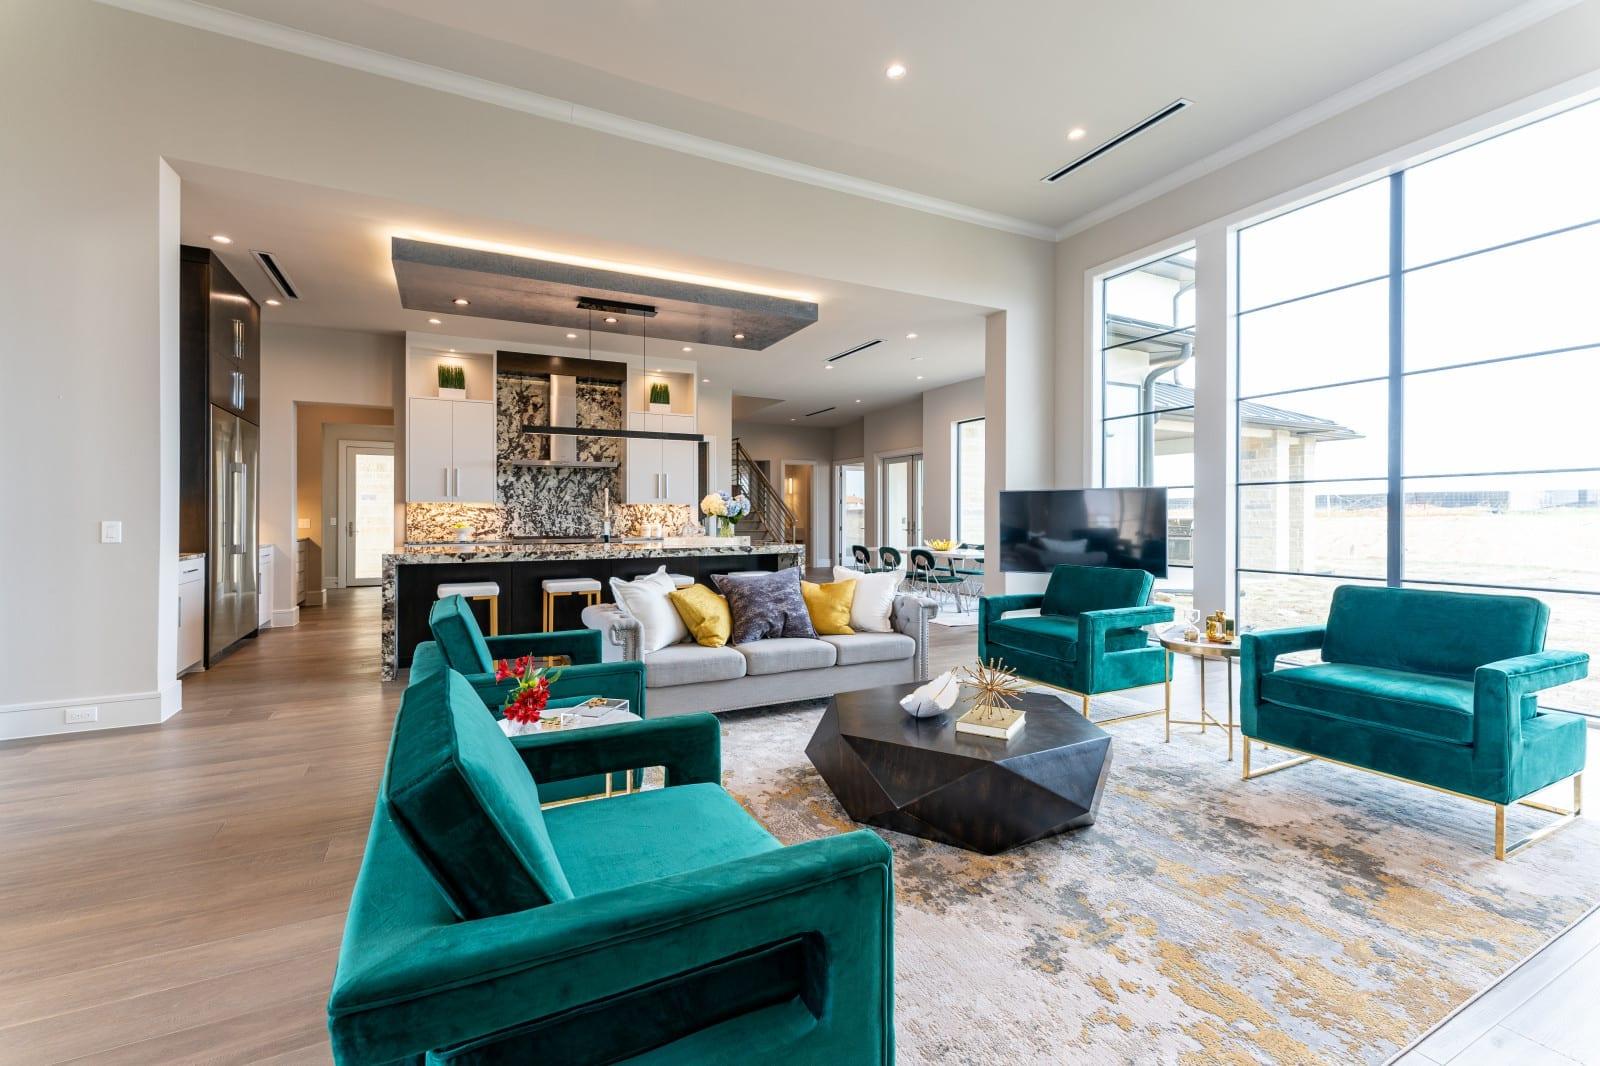 modern home design 40 - Millennial Design + Build